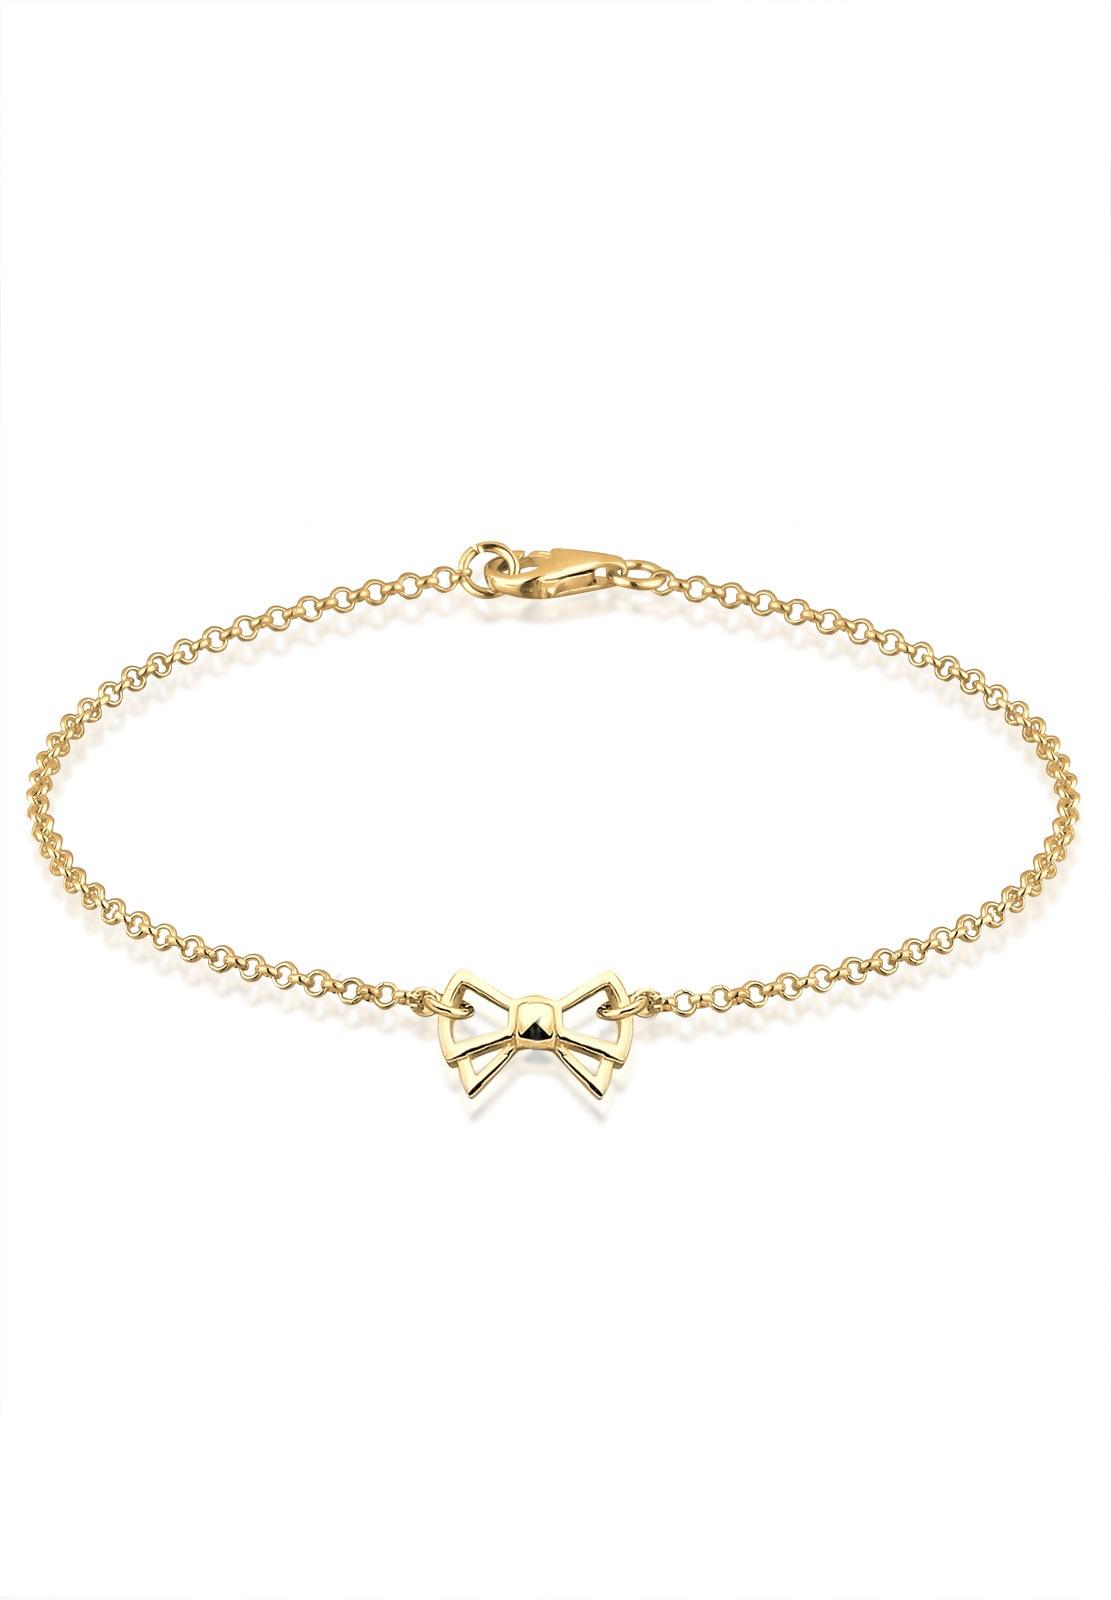 GOLDHIMMEL Armband Schleife 925 Sterling Silber | Schmuck > Armbänder > Goldarmbänder | Goldfarben | Goldhimmel